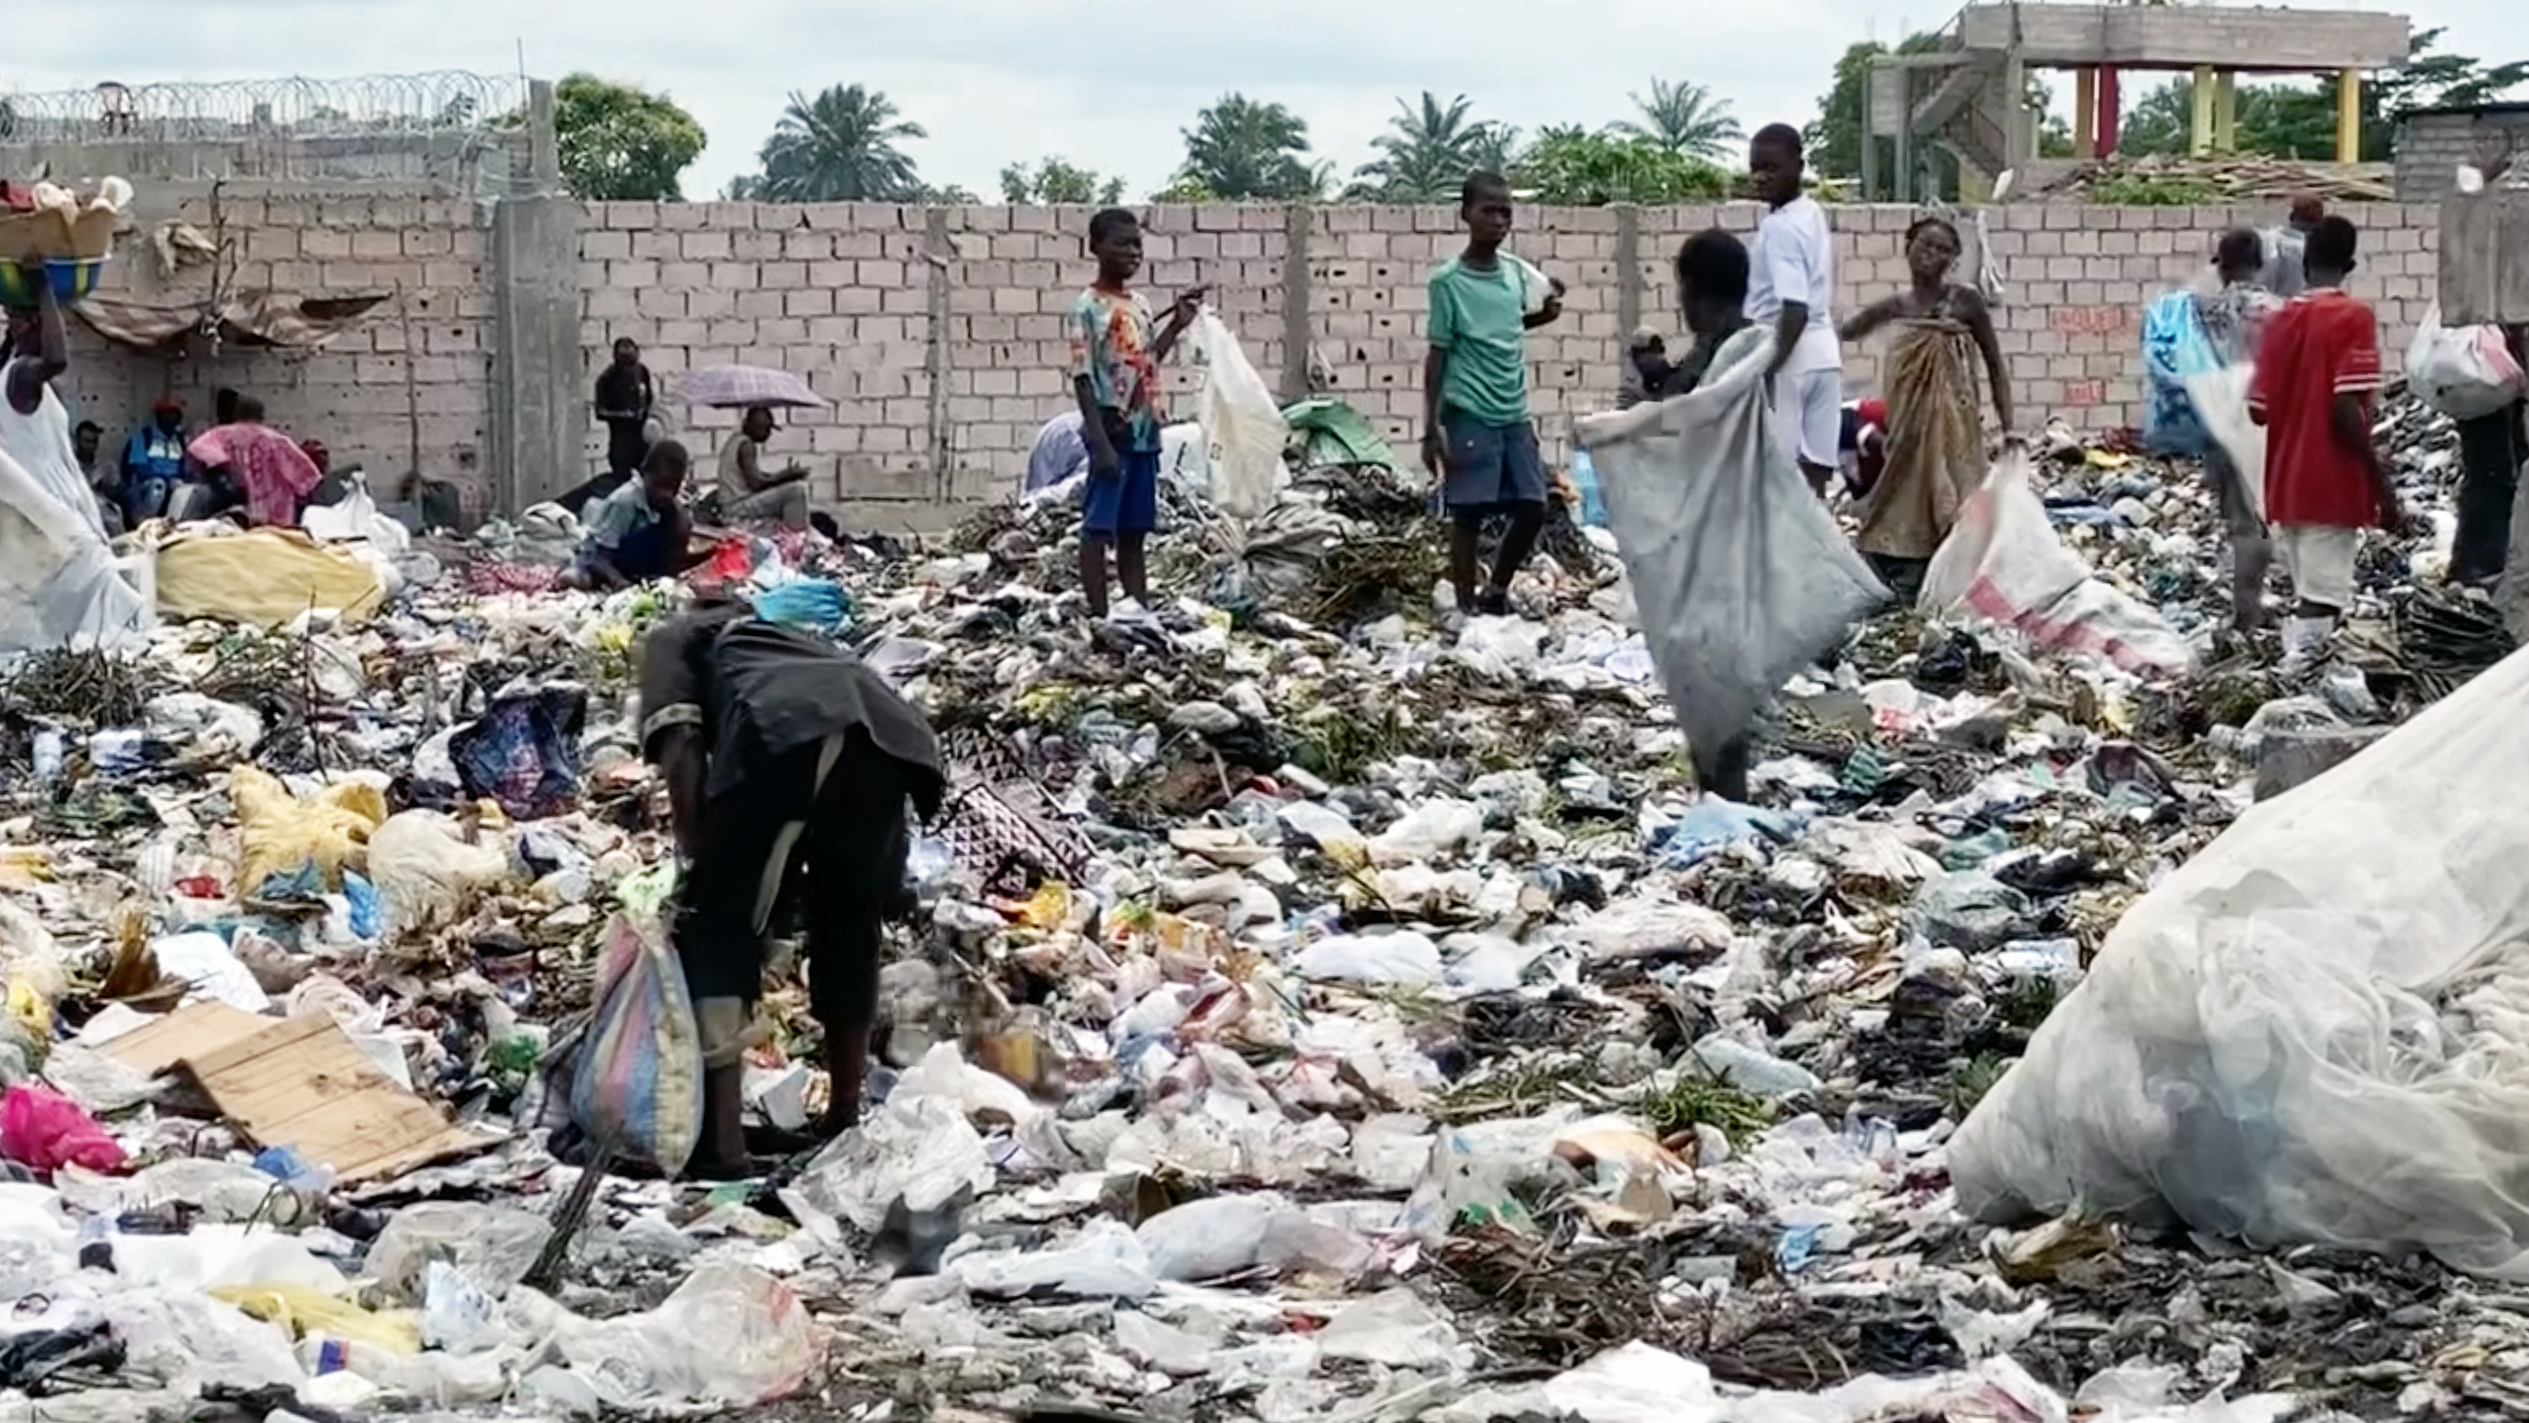 Children in DRC picking through trash at an illegal dumpsite